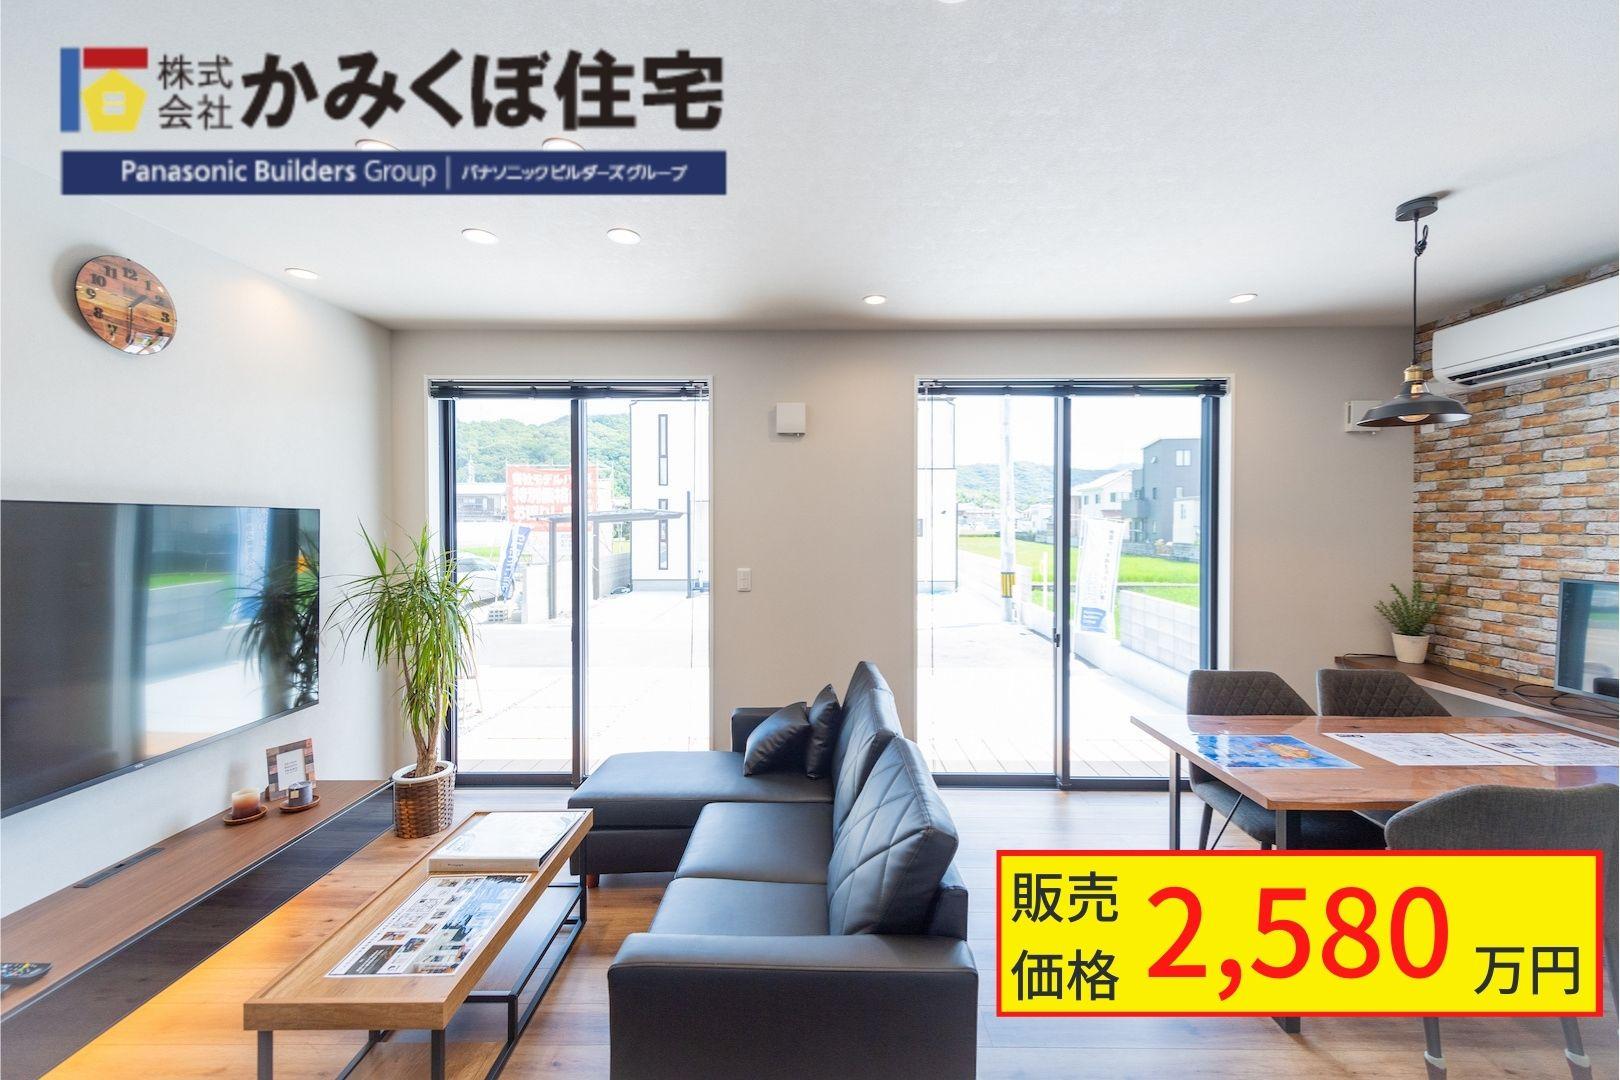 石井町「7つの家ものがたり」11月21・22・23日にキャンペーン販売を行います!